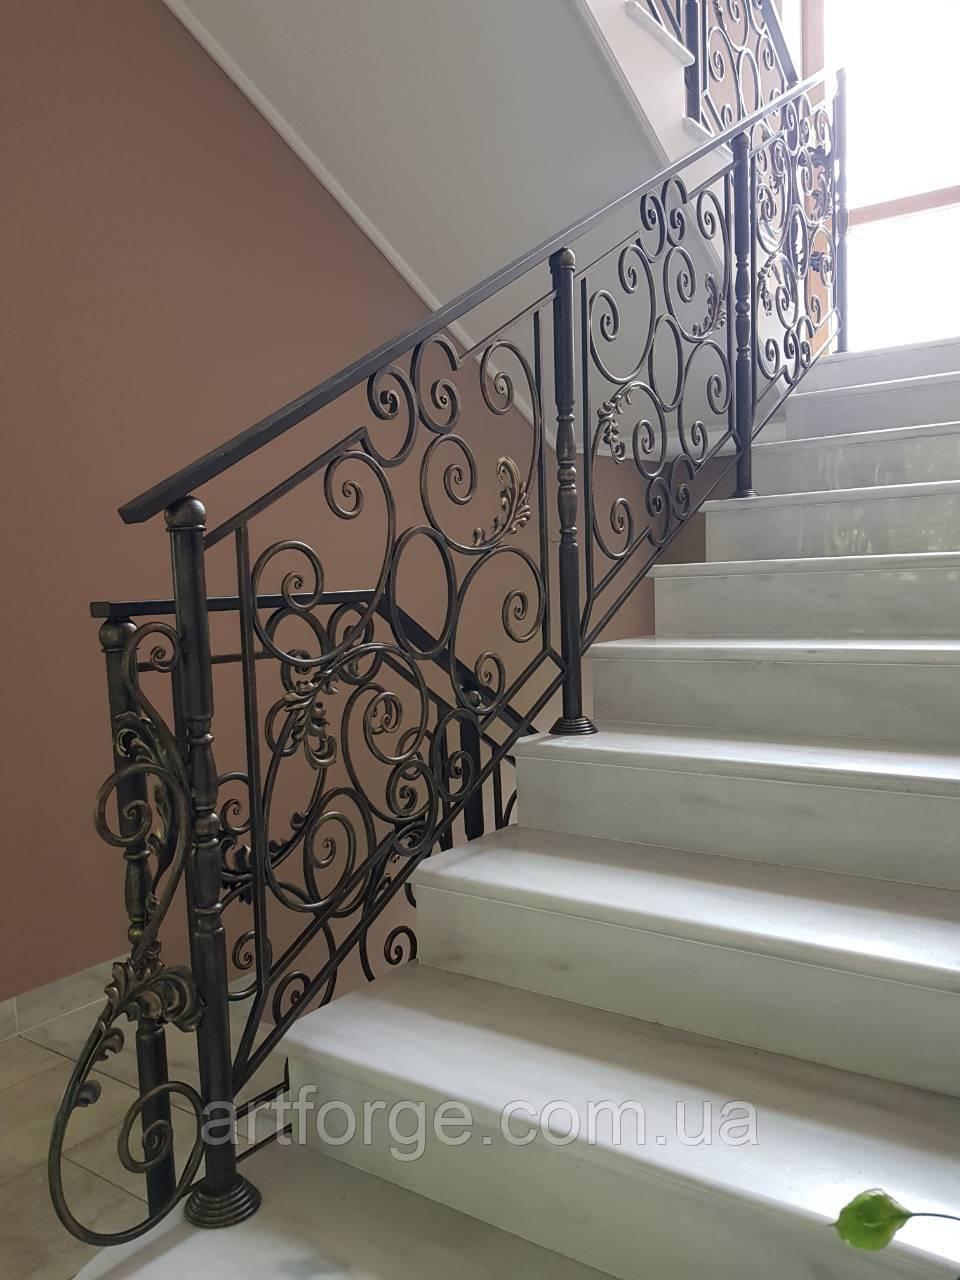 Кованые перила для лестницы, балкона, в классическом стиле.